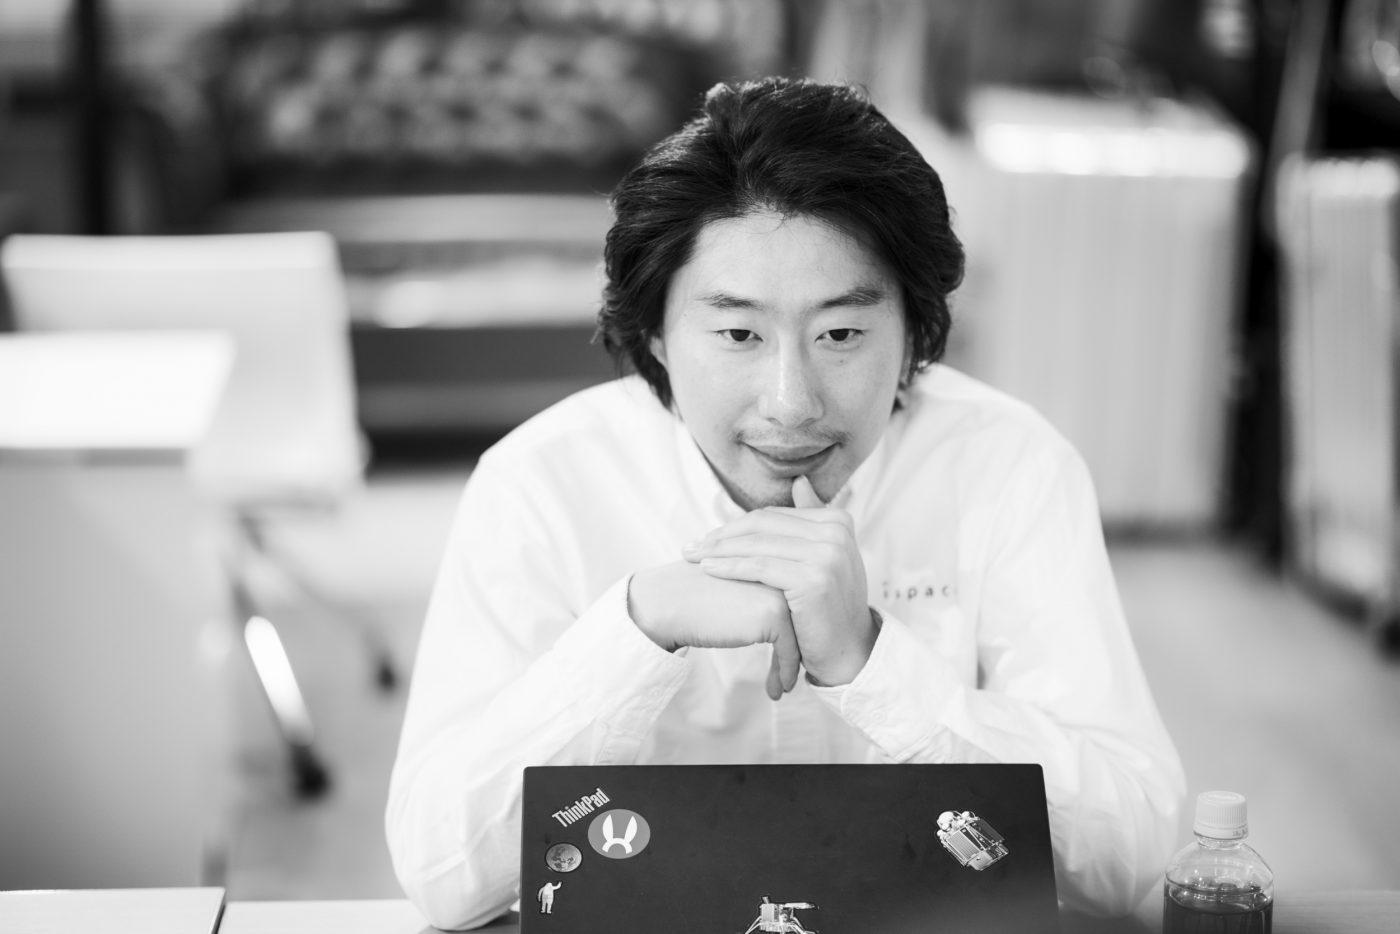 日本の強みを生かして民間での月面探査、輸送サービス、そして月の資源開発をめざすispace CEO 袴田武史(前編)